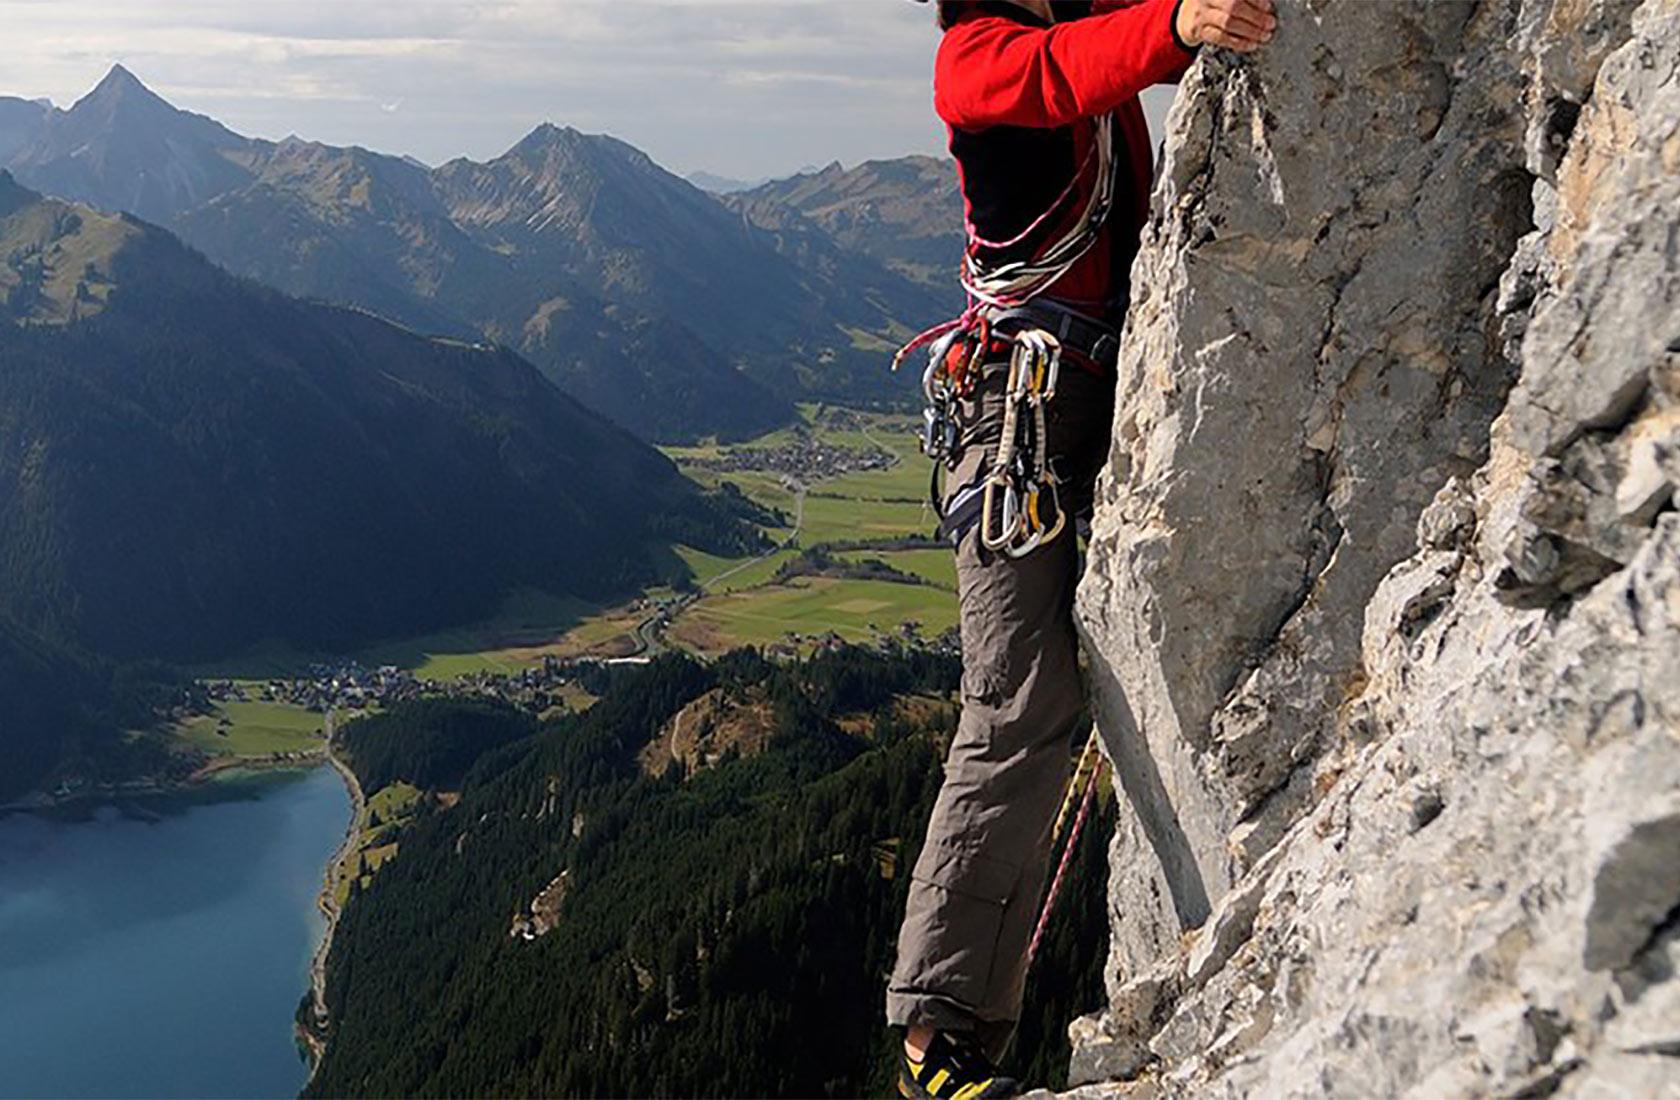 Tiroler Berge zum klettern und wandern im Urlaub im Tannheimer tal